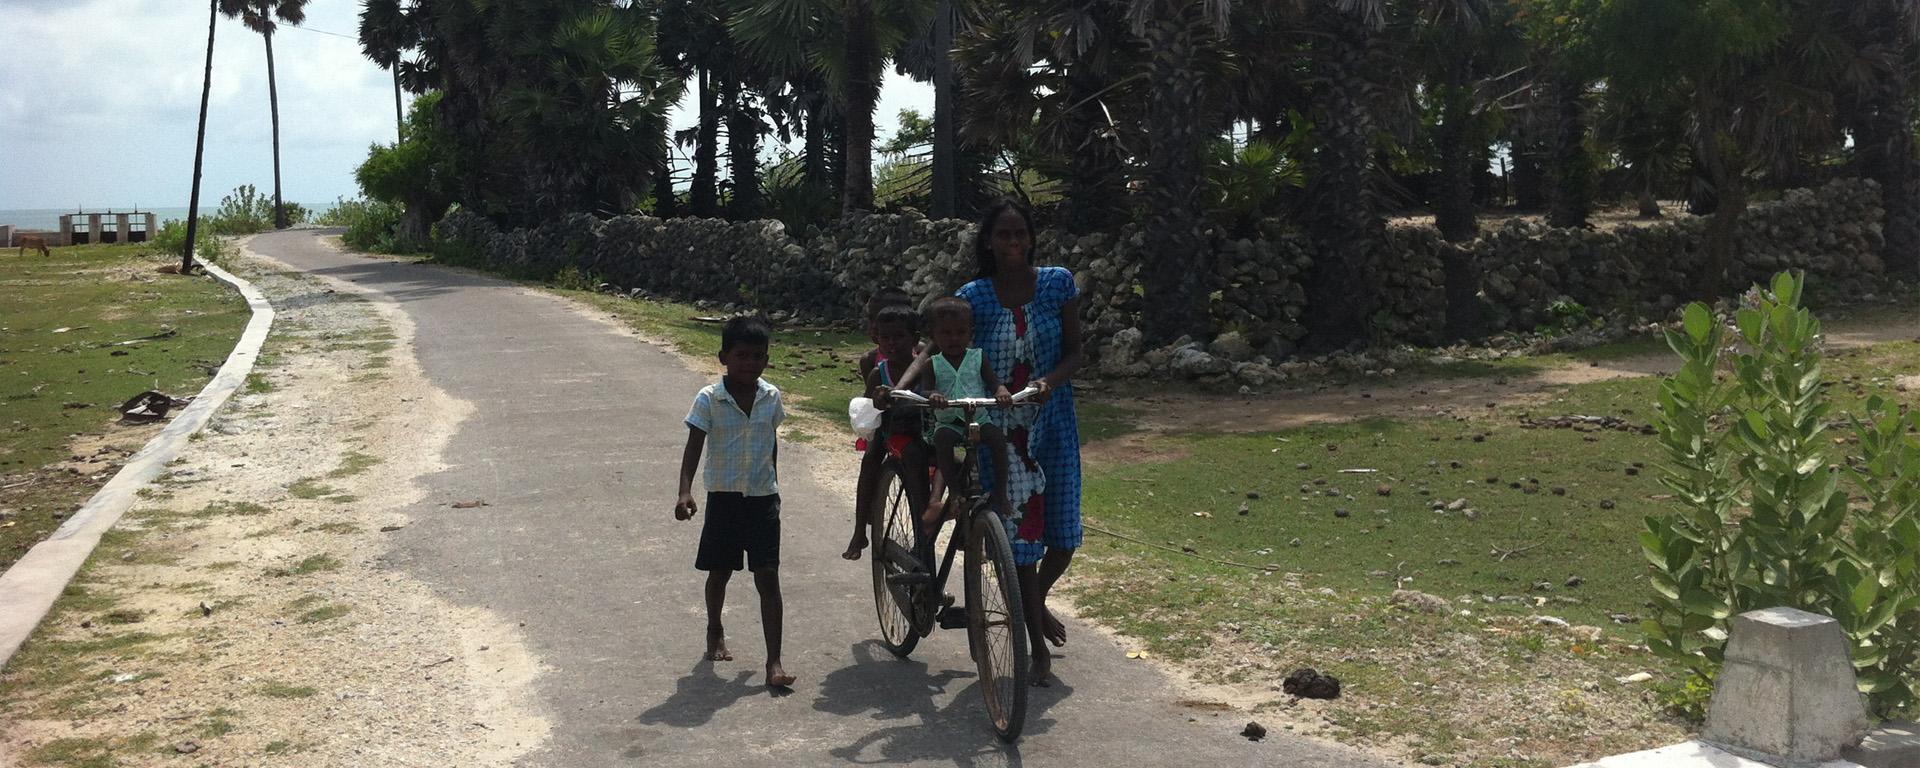 Que faire à Jaffna et ses environs ?